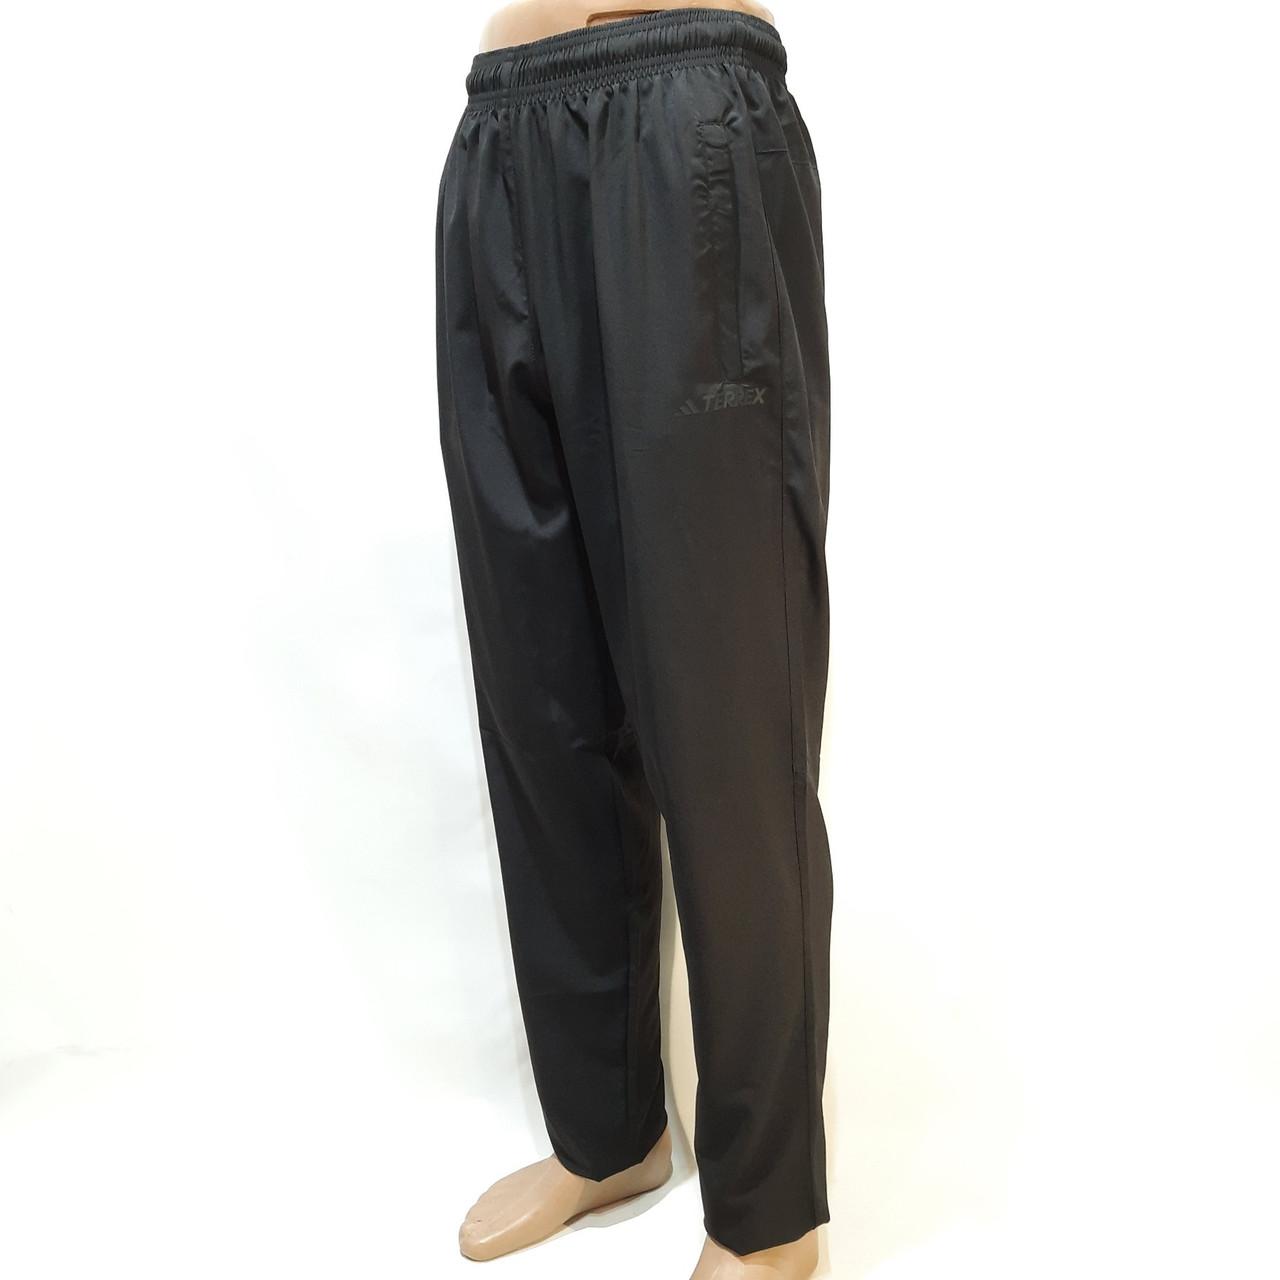 Літні спортивні чоловічі штани (Великі розміри) мікрофібра Adidas Terrex (репліка) прямі Чорні